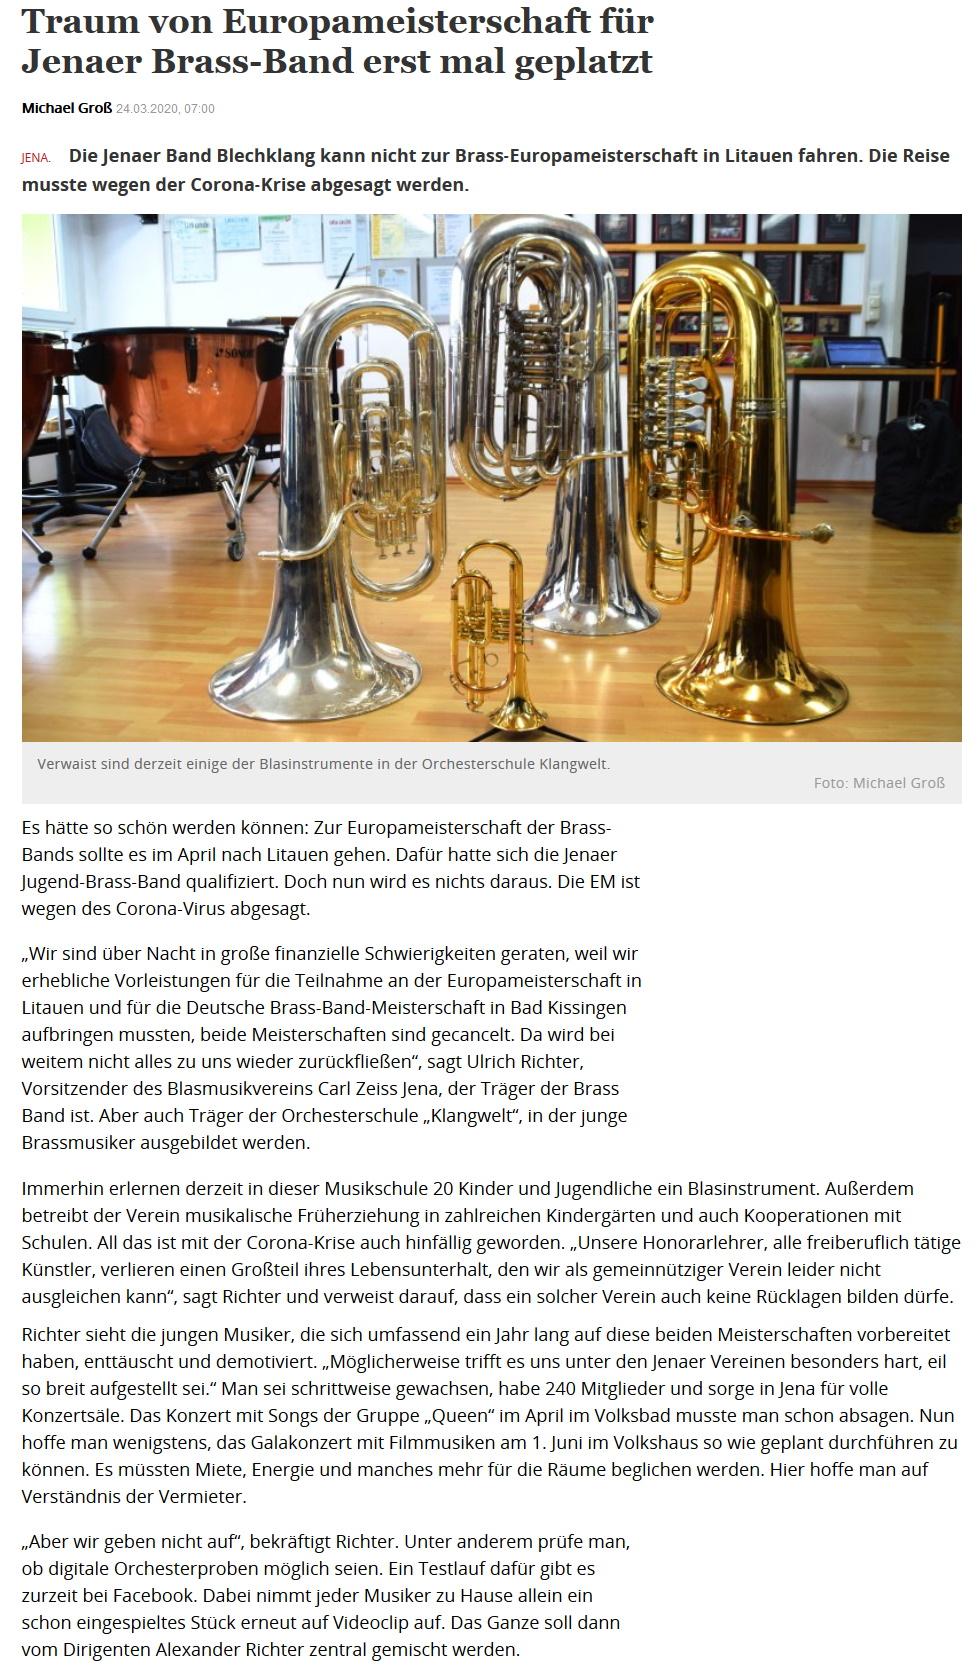 Artikel OTZ Absage Brass Band Europameisterschaft